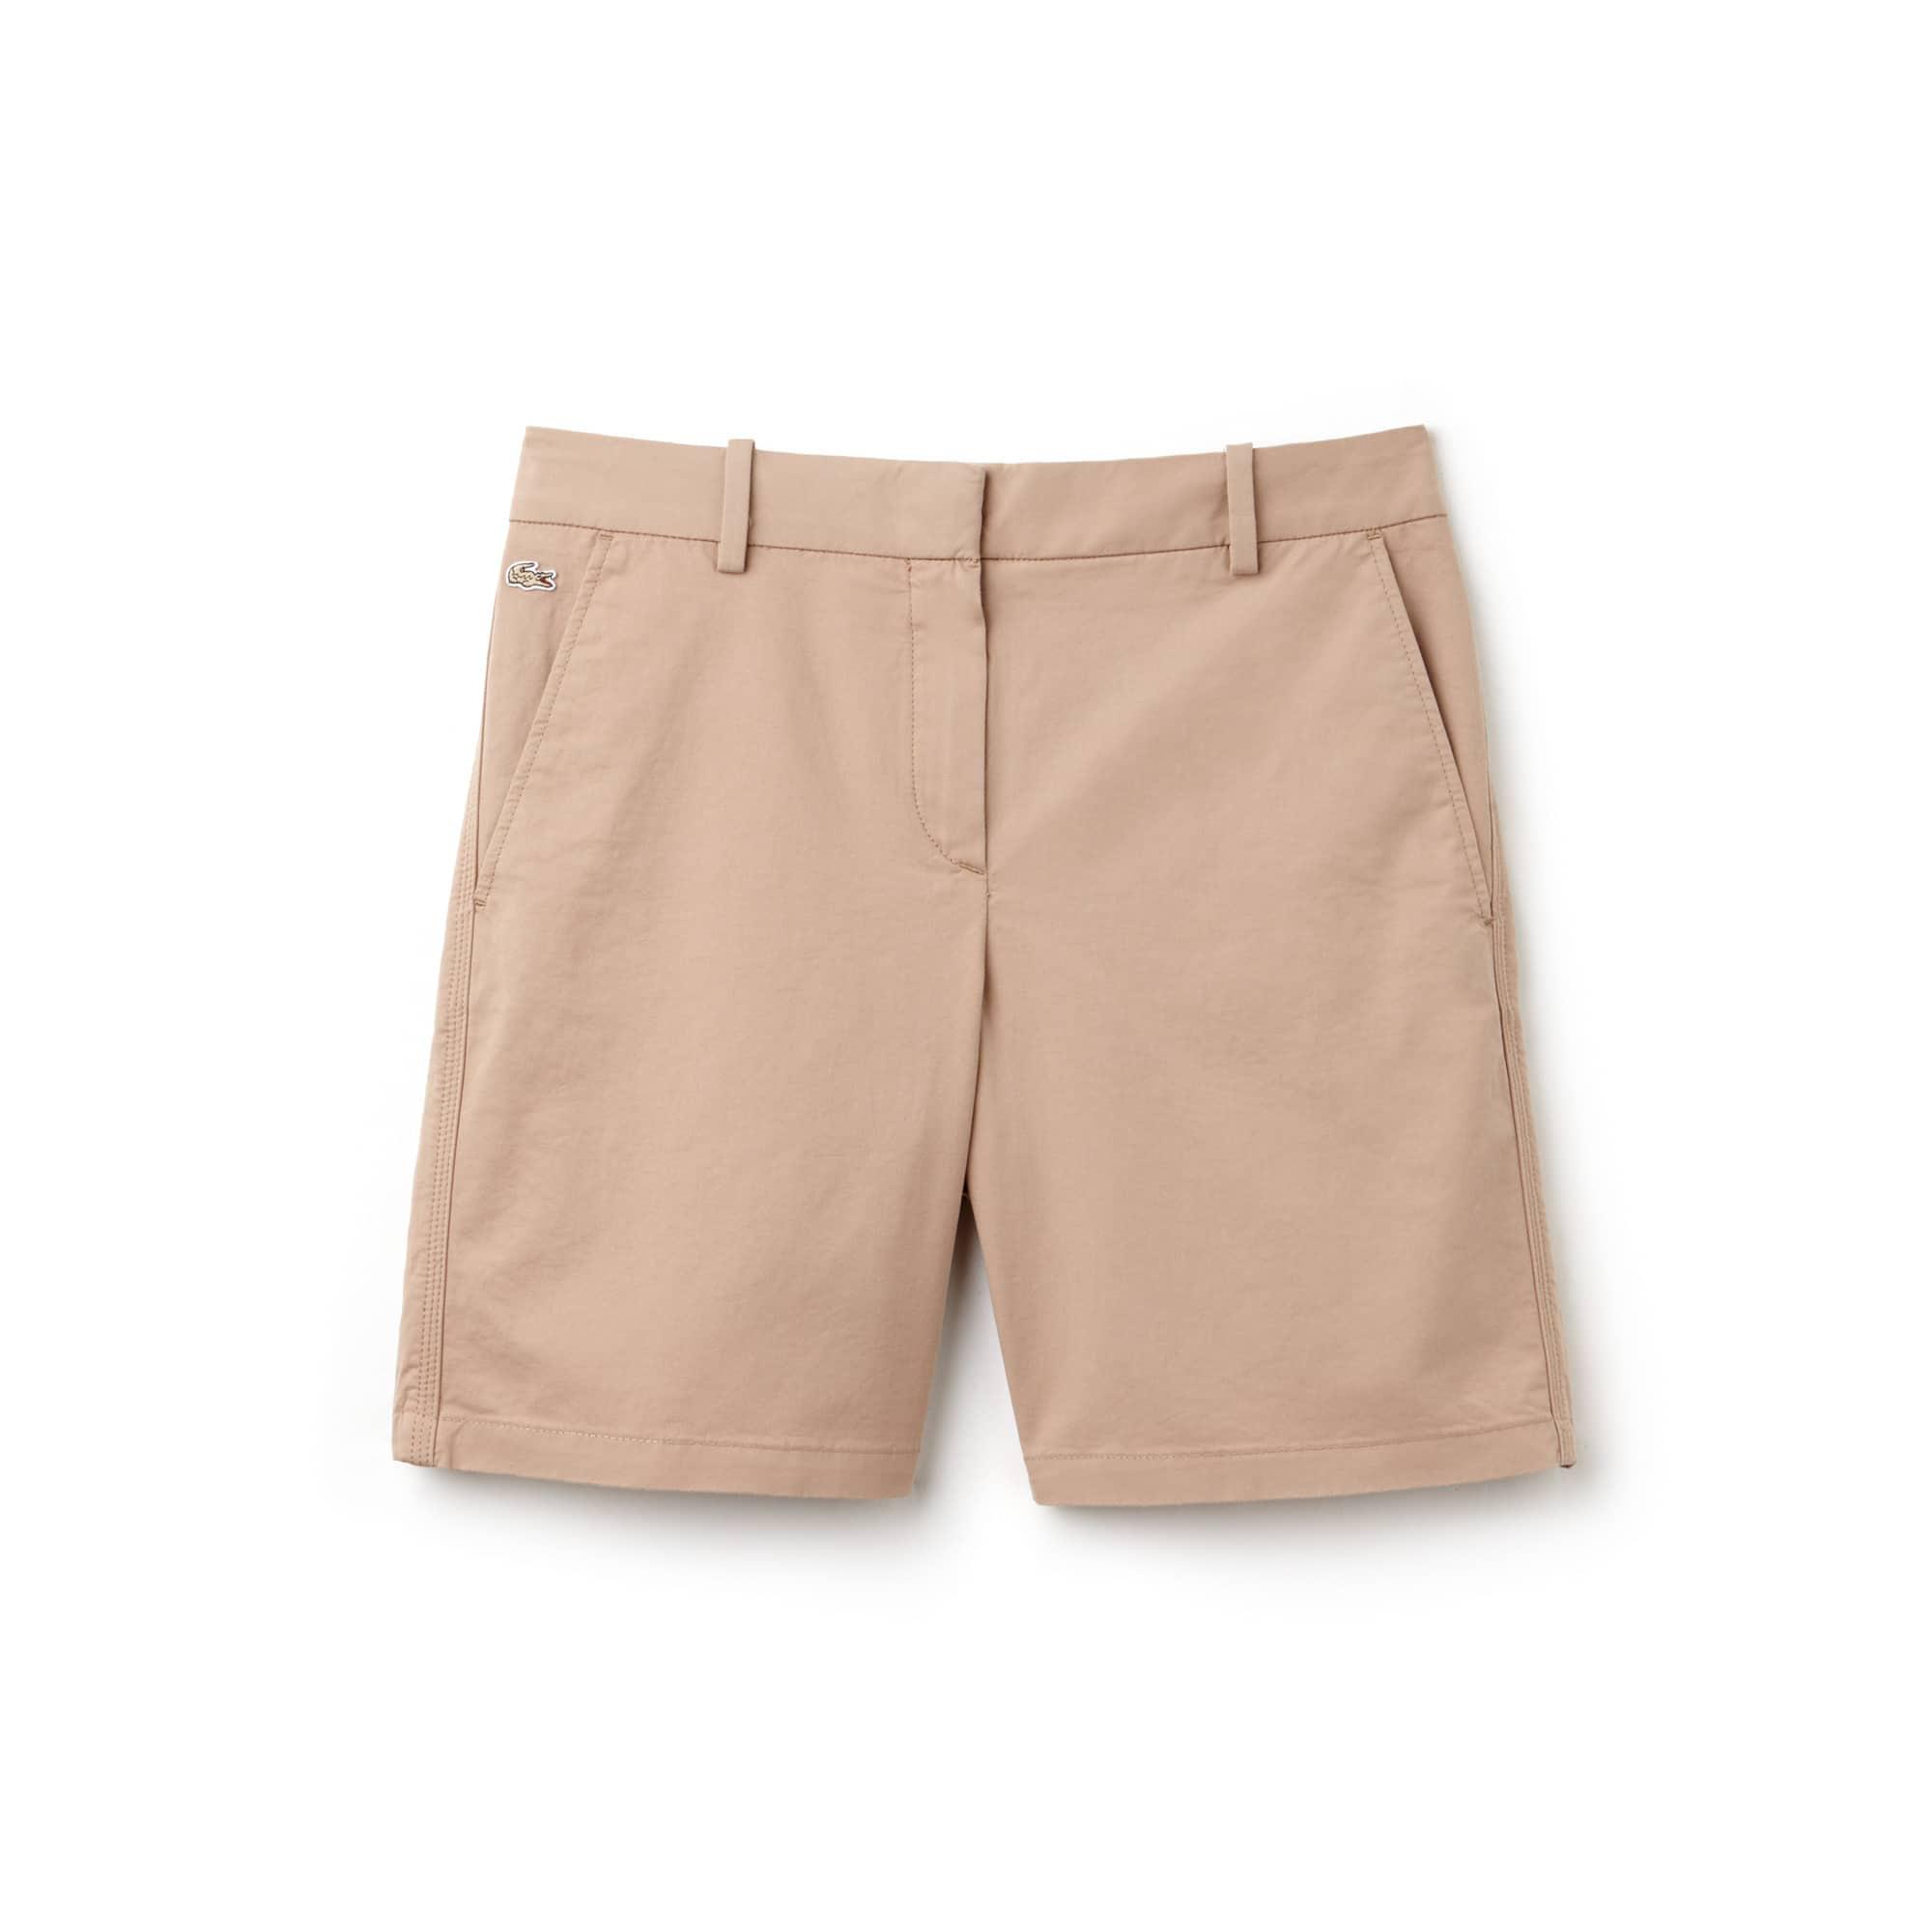 라코스테 반바지 Lacoste Womens Stretch Bermuda Shorts,kraft beige